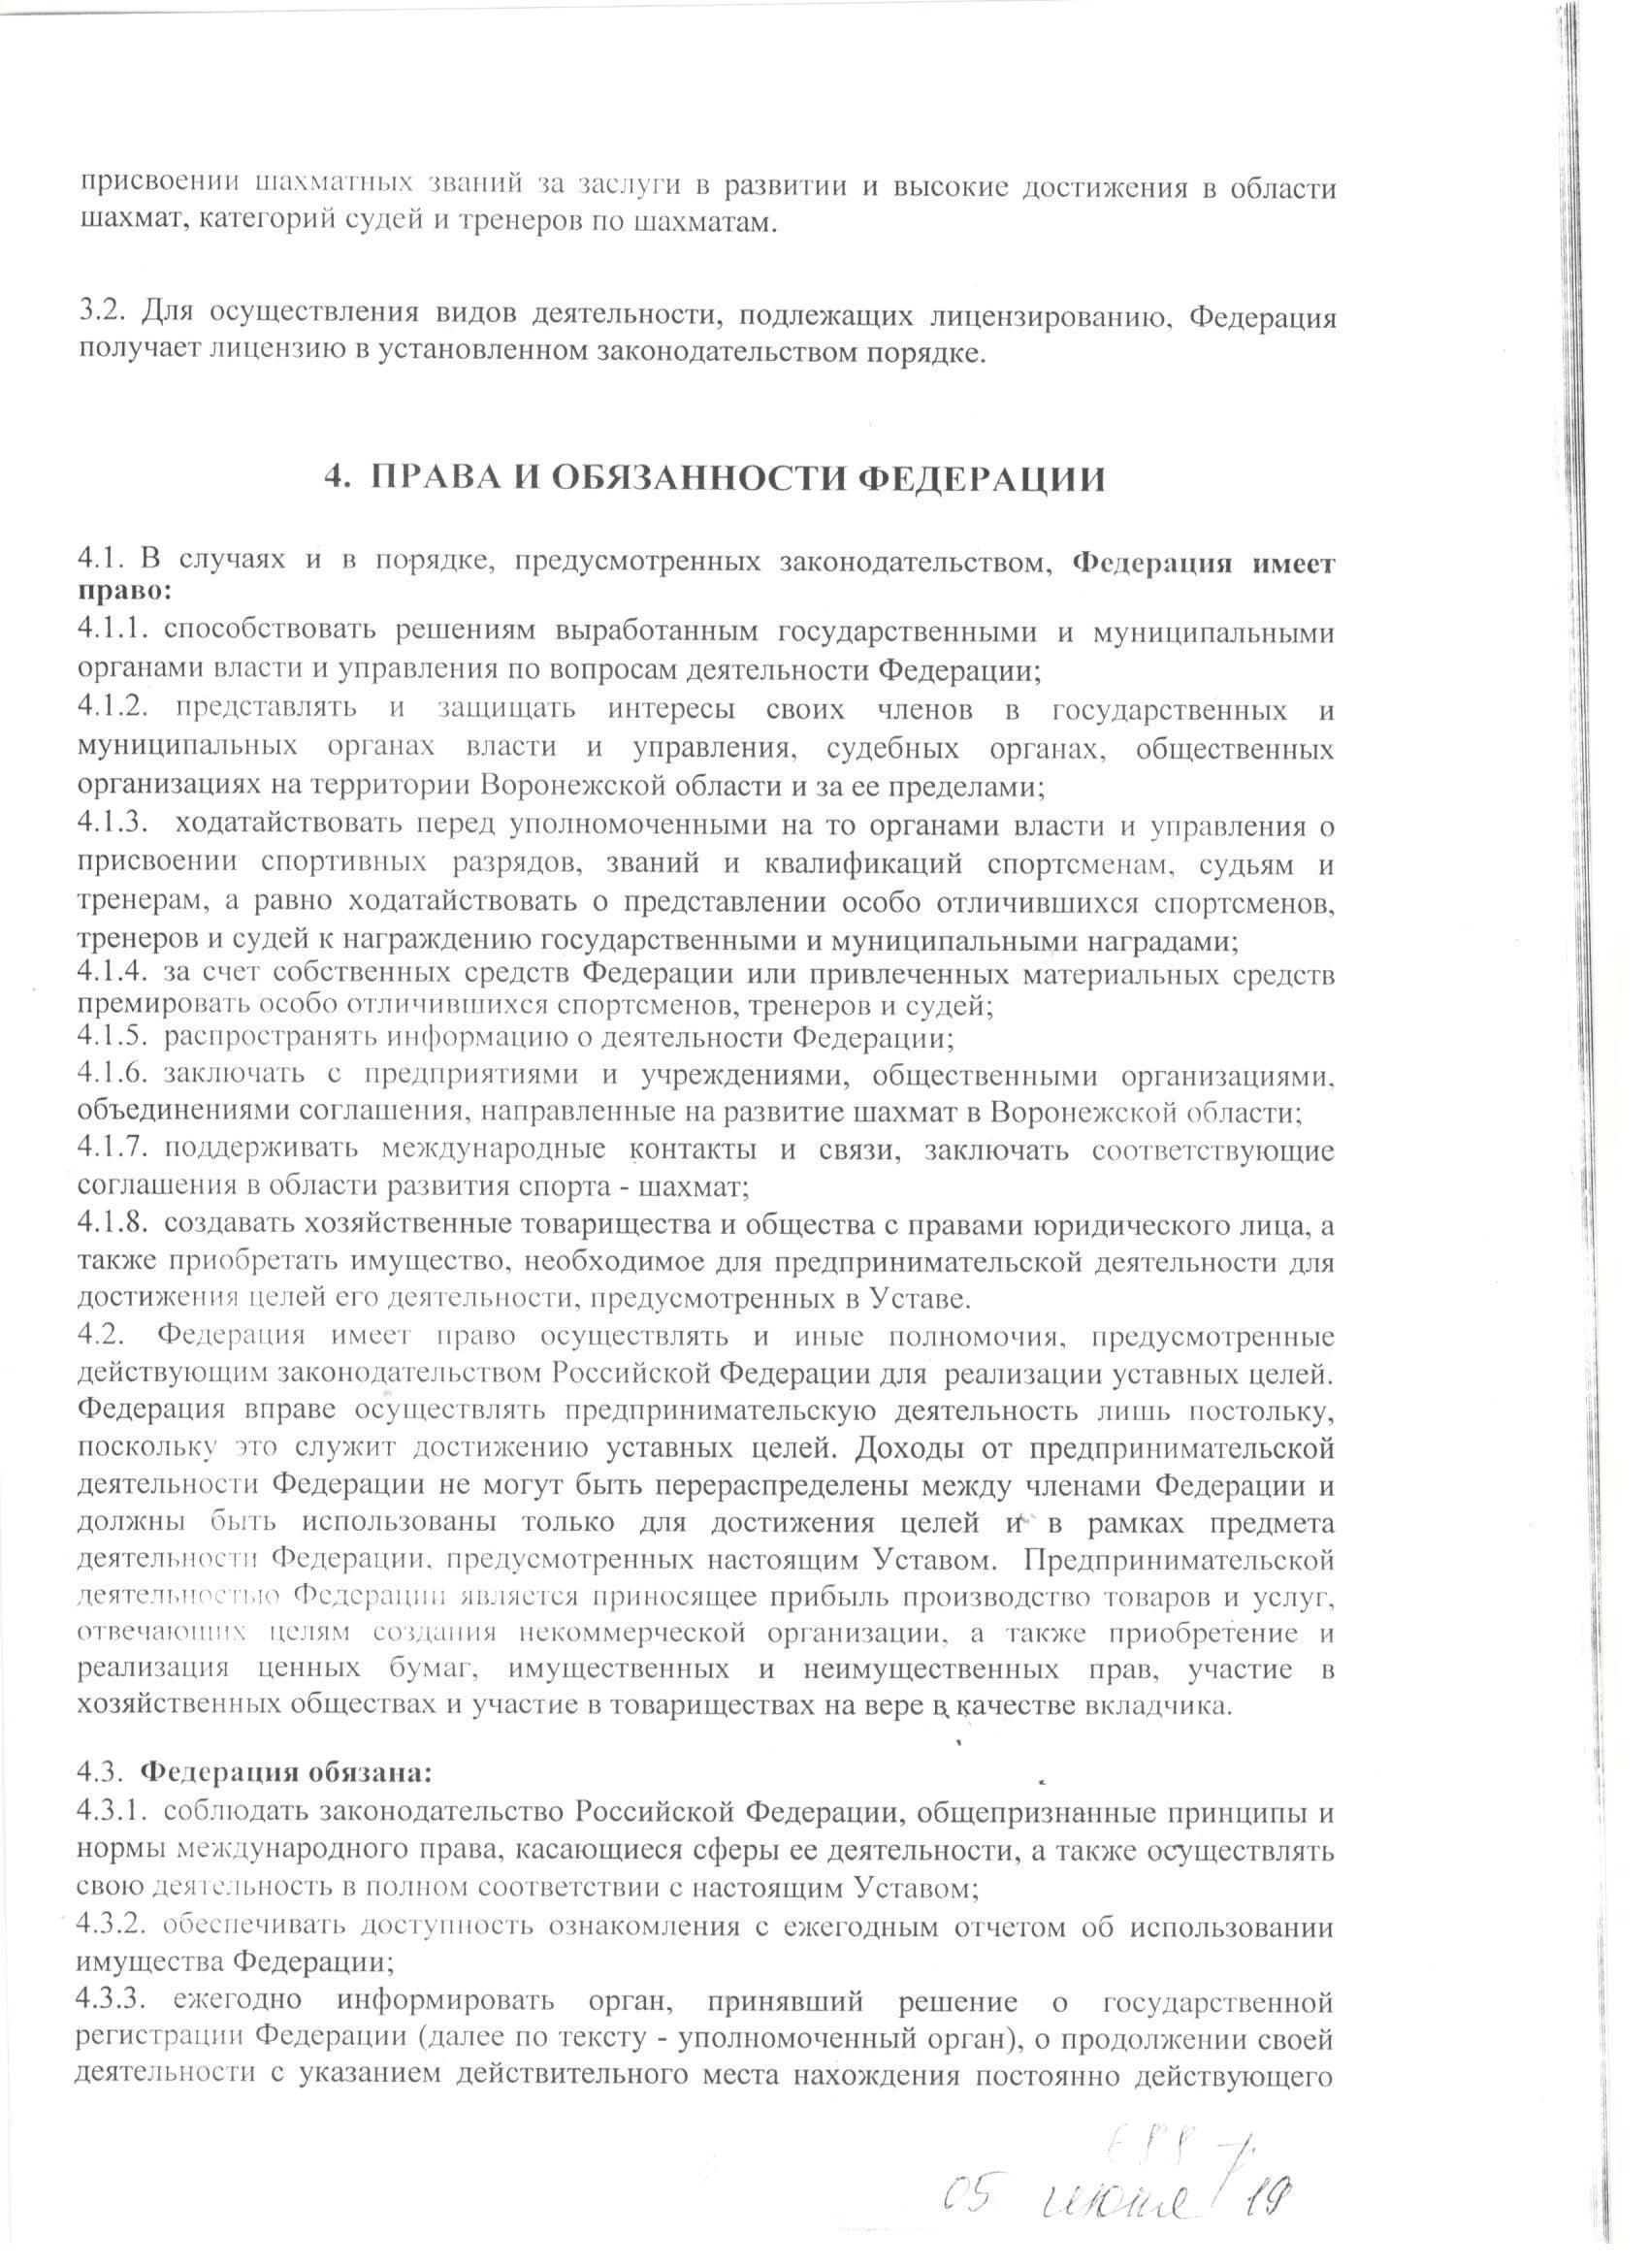 http://forumupload.ru/uploads/0014/11/ca/2/303423.jpg